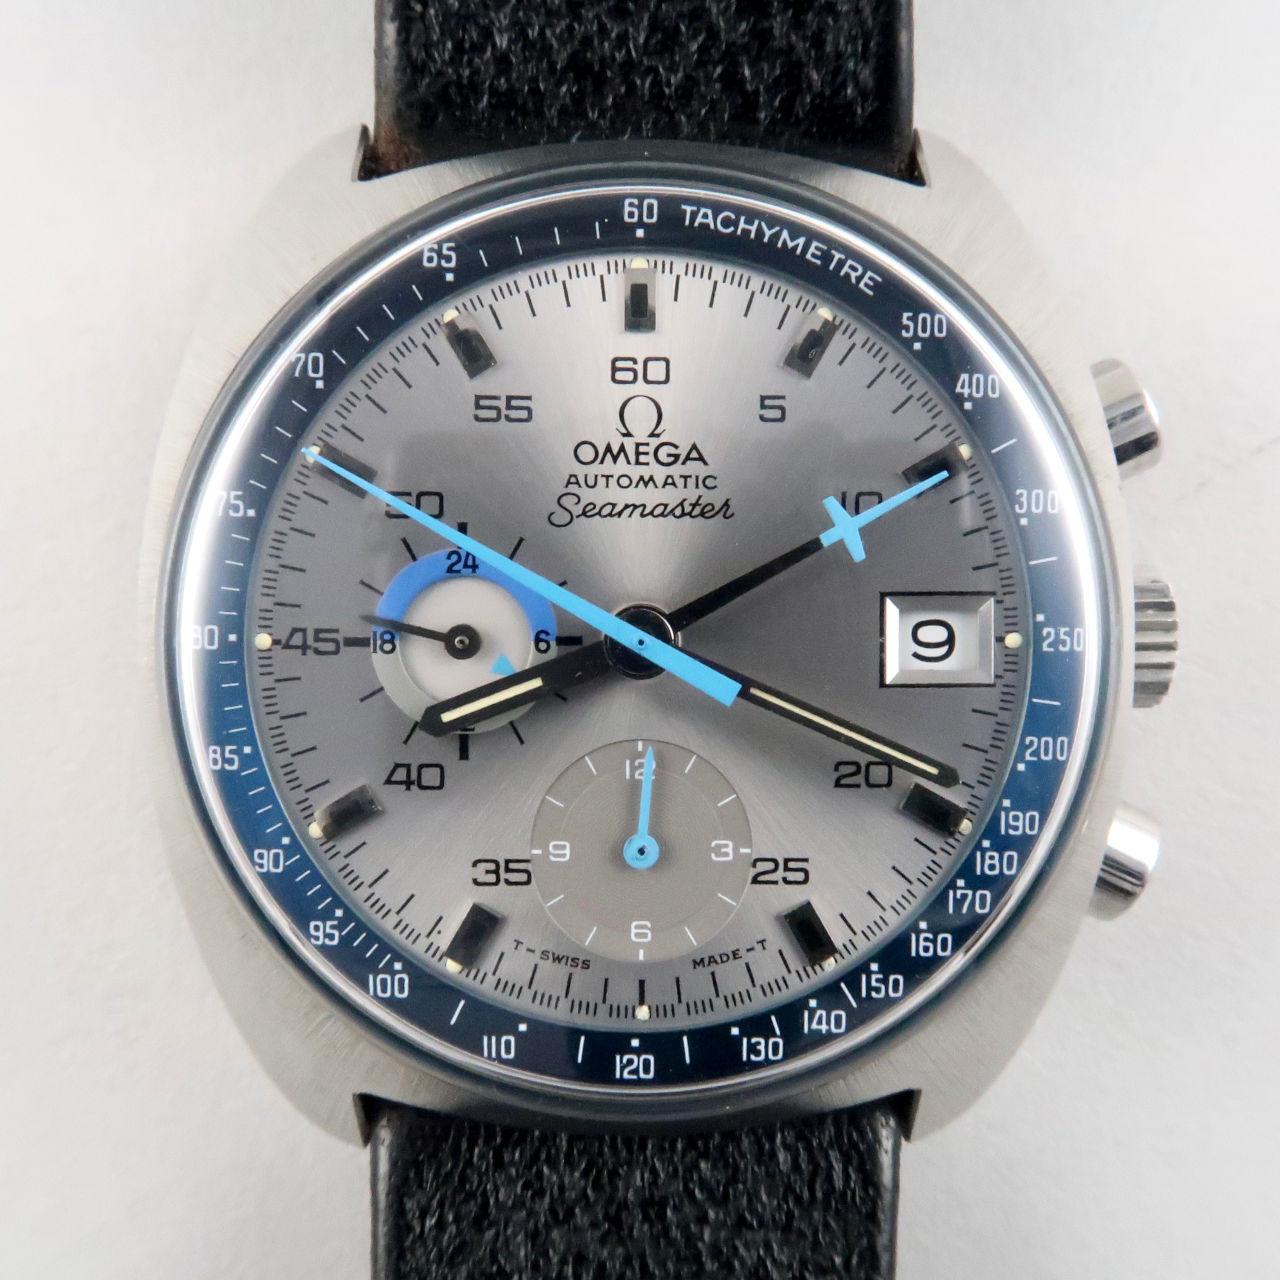 omega-seamaster-chronograph-ref-176-007-wxosc-v02